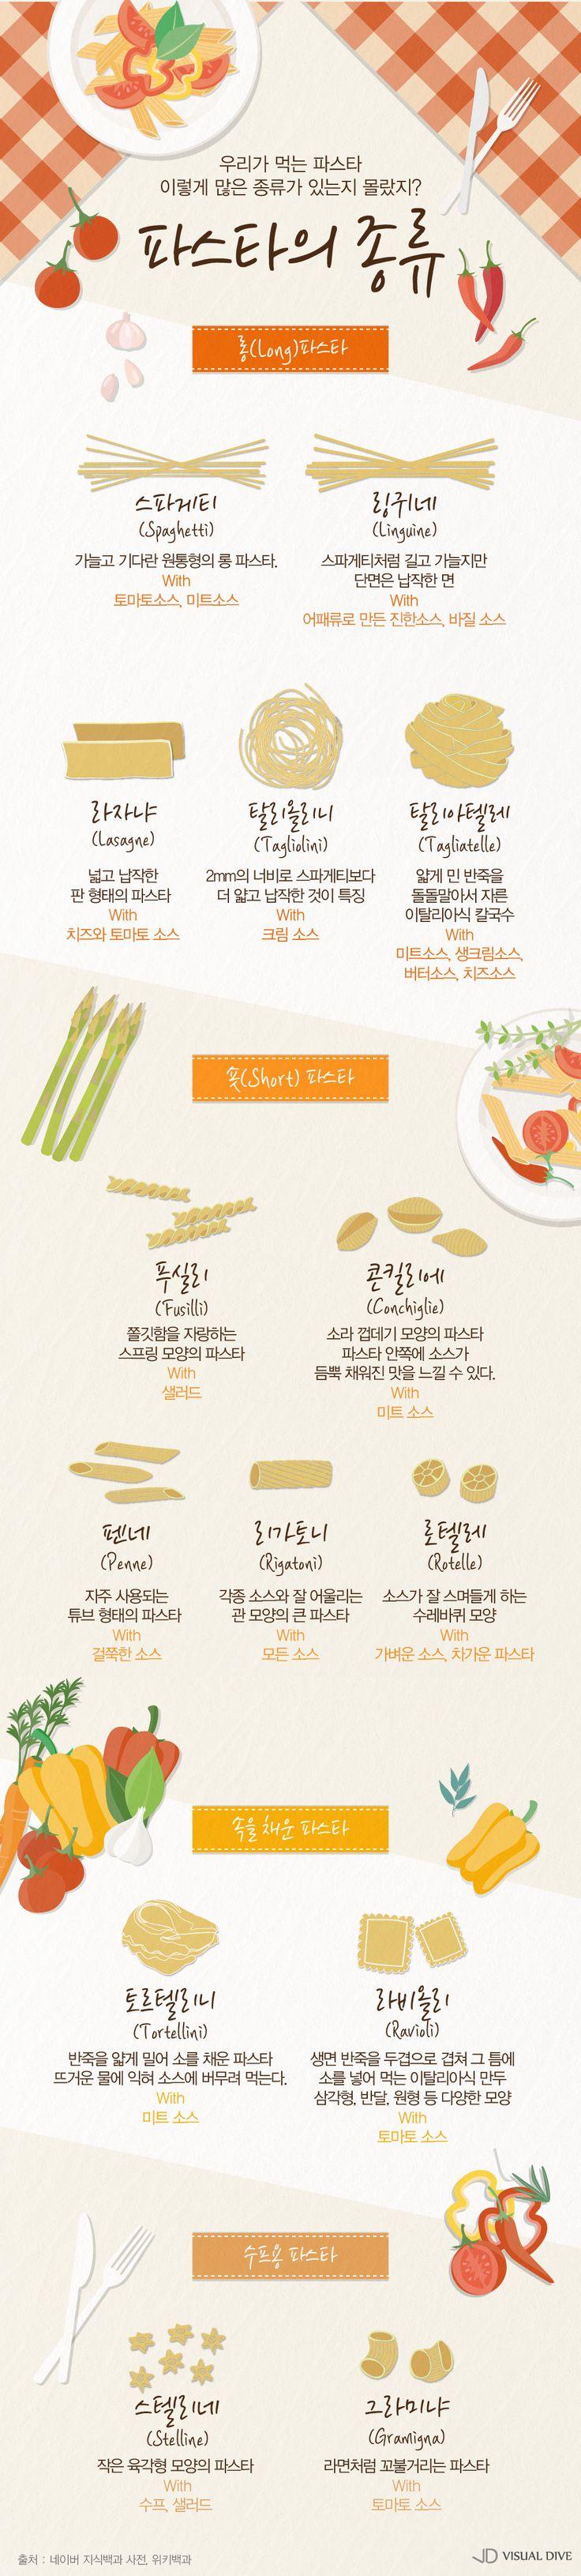 모양에 따라 요리법이 달라지는 '파스타' [인포그래픽] #Pasta / #infograhpic ⓒ 비주얼다이브 무단 복사·전재·재배포 금지